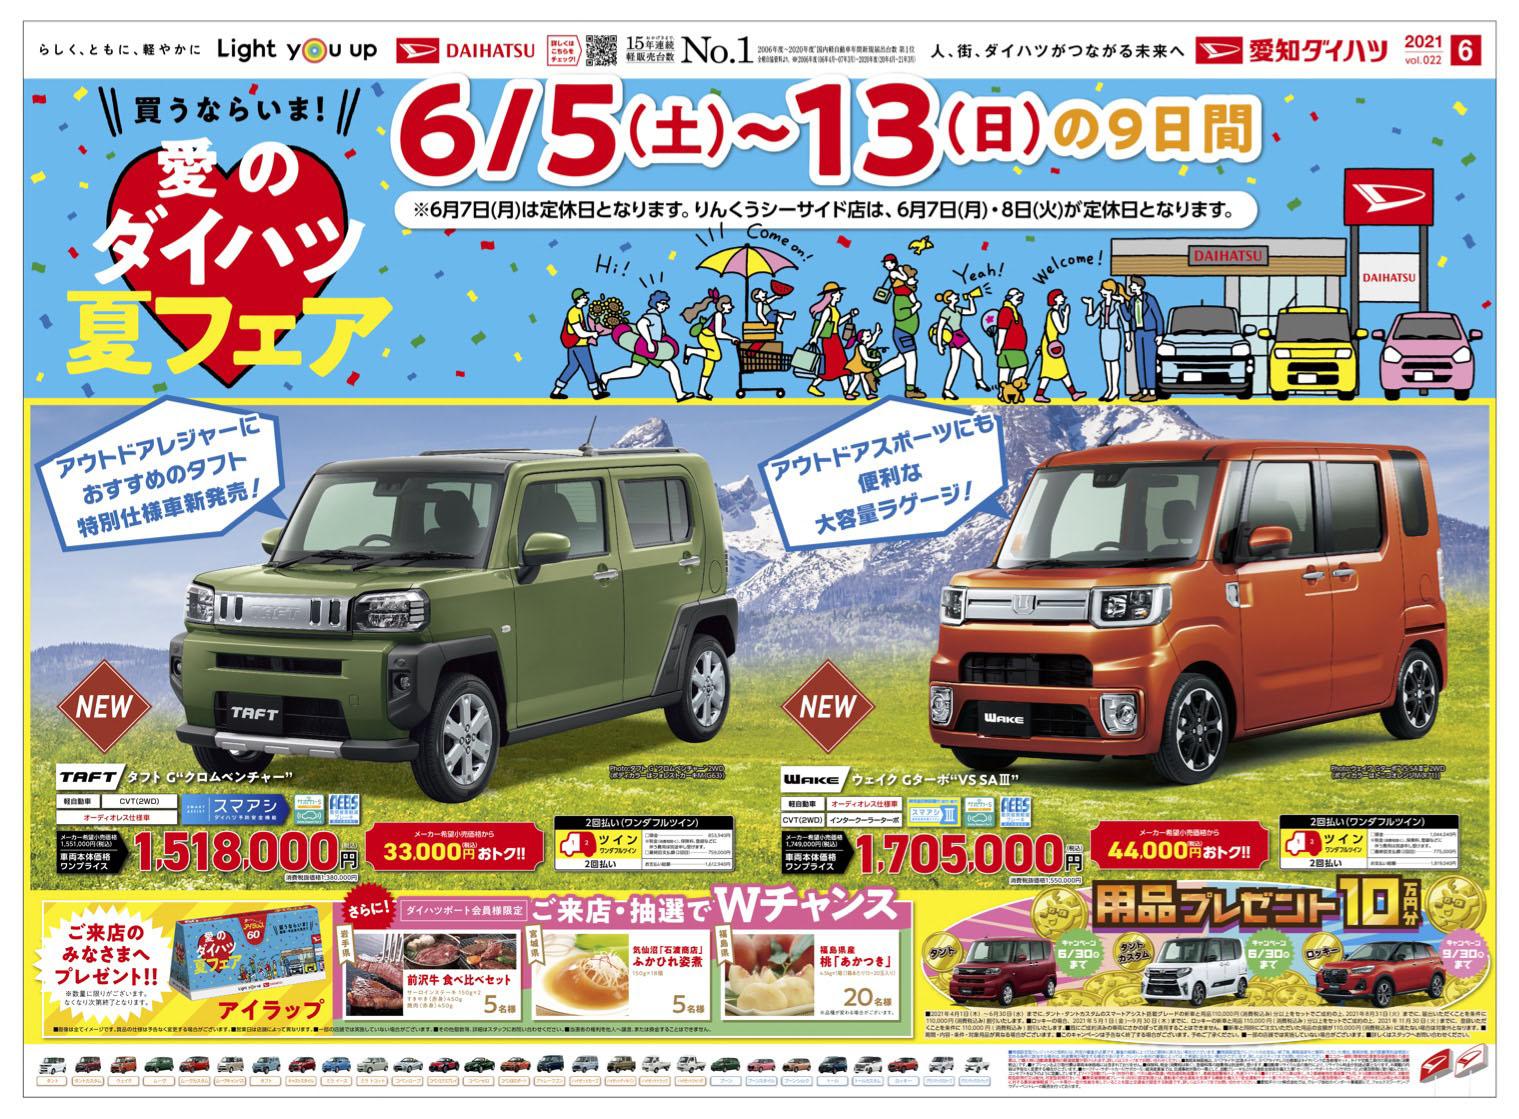 買うならいま!新車・中古車大集合!!愛のダイハツ夏フェア6/5(土)~13(日)の9日間